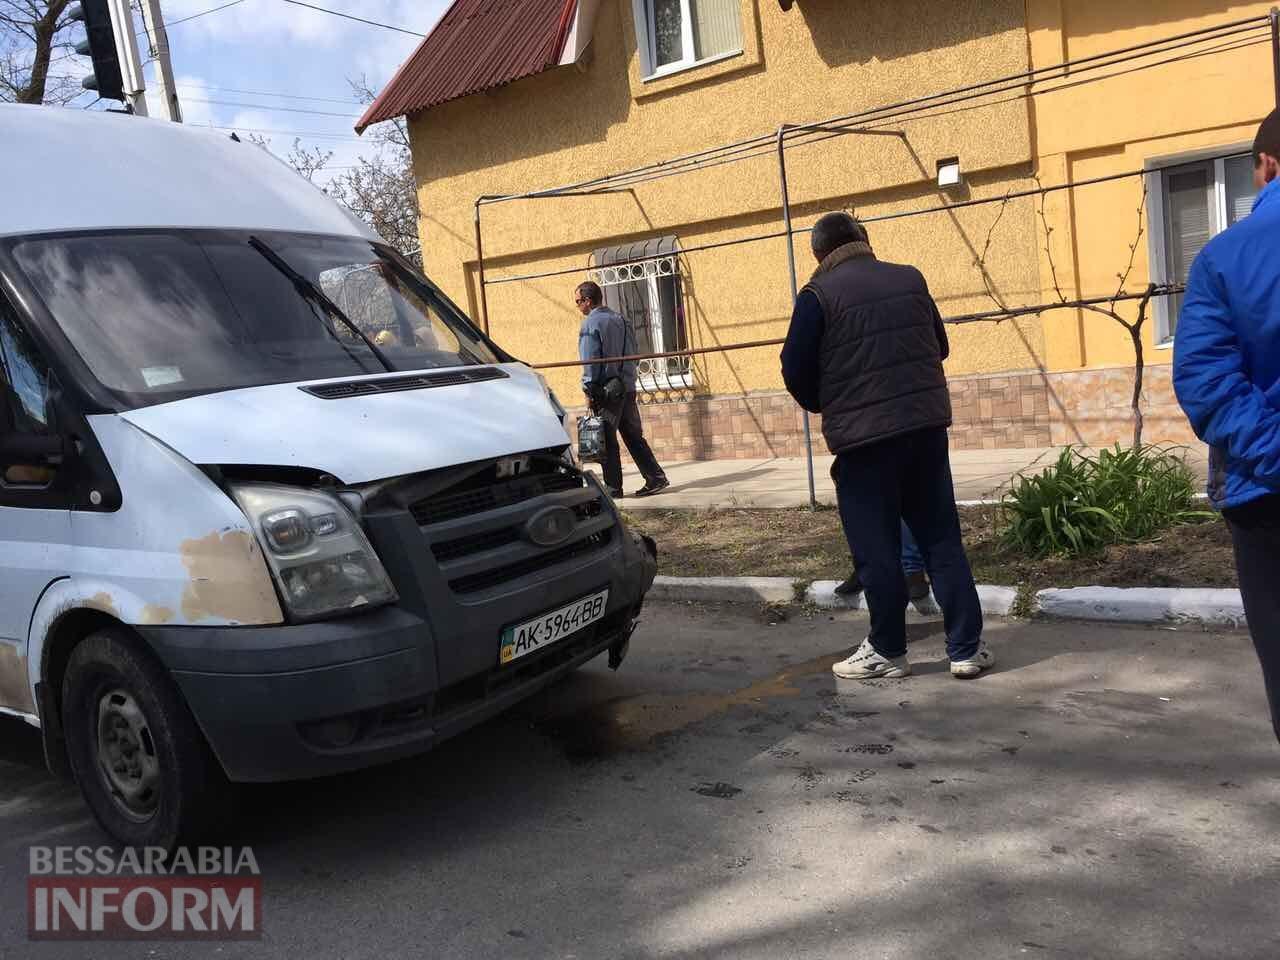 Avariya-v-Izmaile Измаил: на улице Белгород-Днестровской очередное ДТП, есть пострадавшая